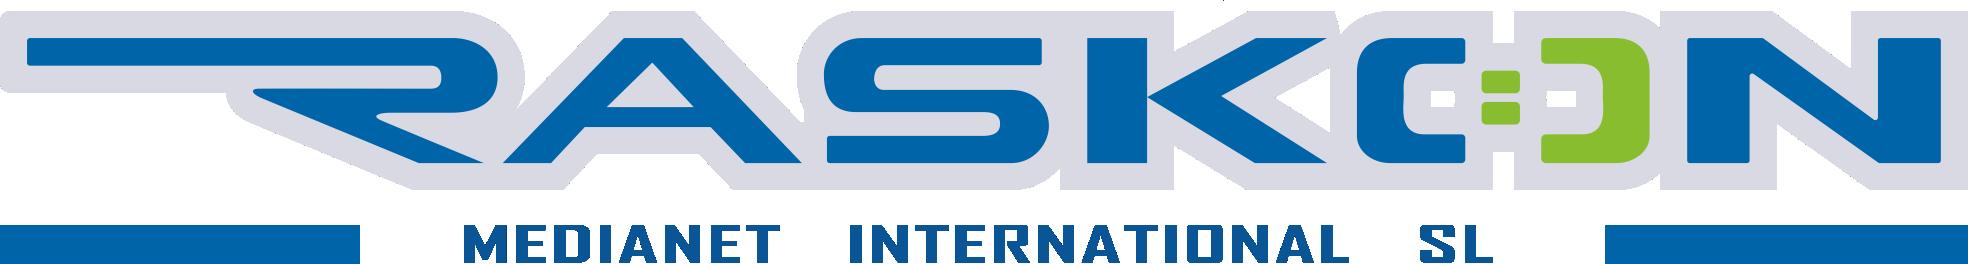 Raskon Medianet International